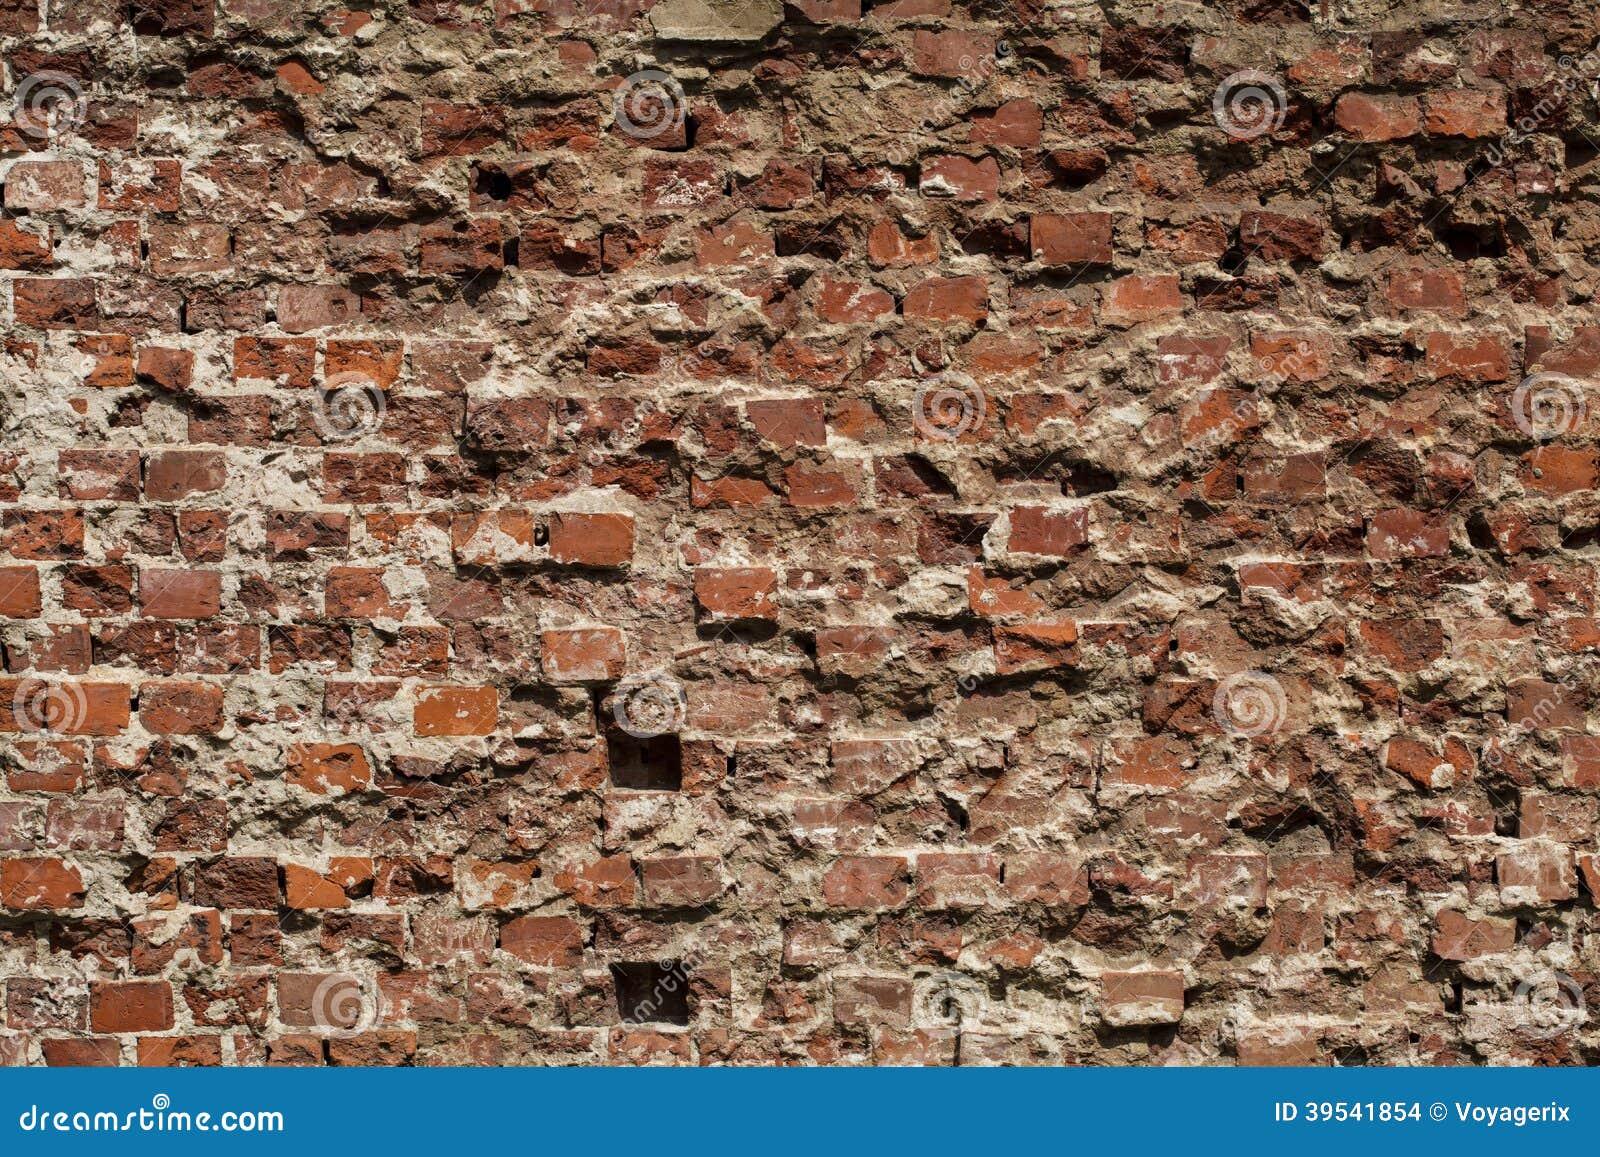 vieux fond sale d 39 une texture de mur de briques photo stock image du urbain wallpaper 39541854. Black Bedroom Furniture Sets. Home Design Ideas